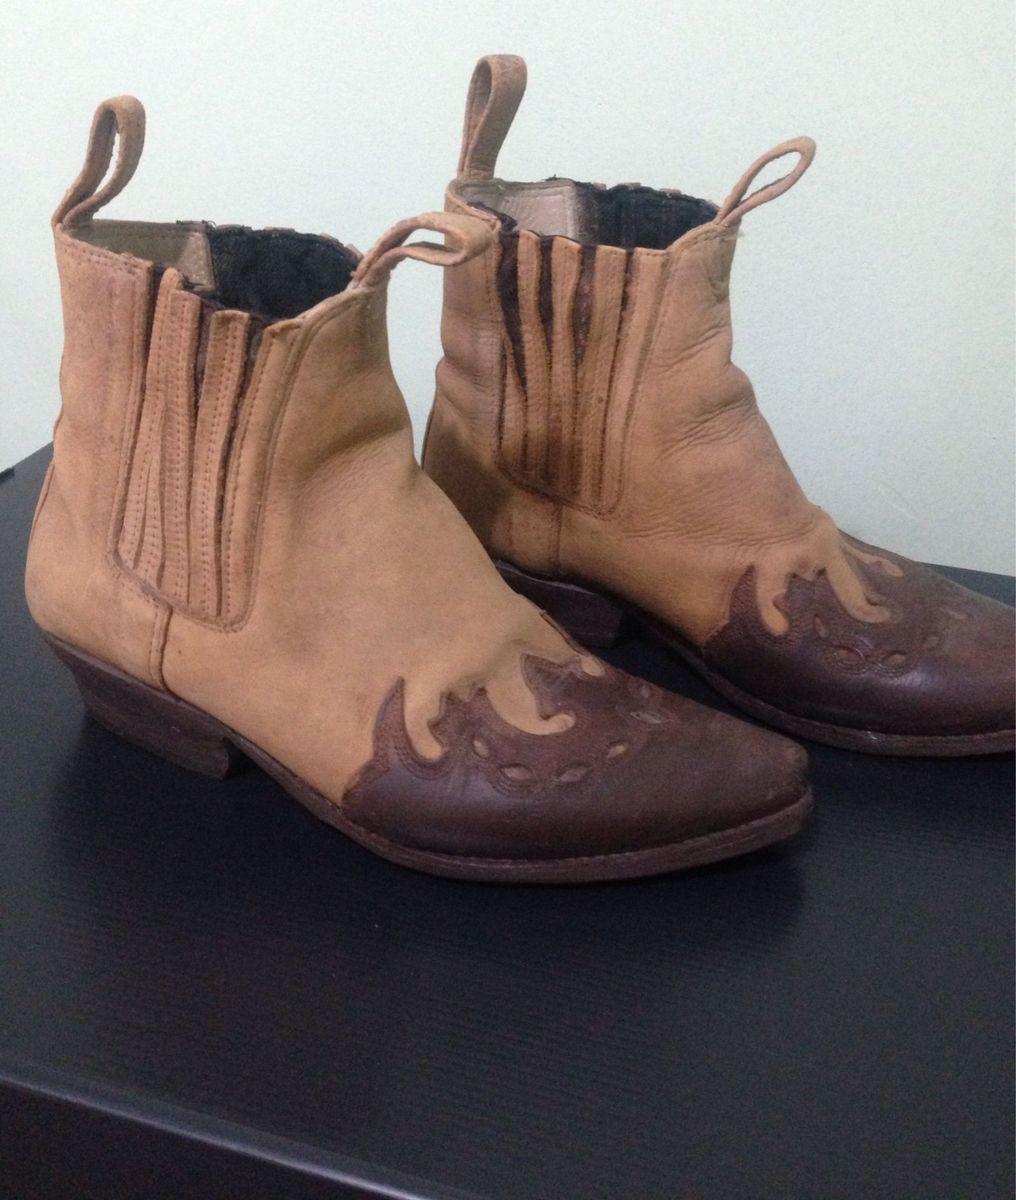 bota de cowboy - masculina - botas capodarte.  Czm6ly9wag90b3muzw5qb2vplmnvbs5ici9wcm9kdwn0cy80nzgymjc4l2ezzgmwzdyxythjotgxodq1nti0nwzmodlimtg0ntmwlmpwzw  ... 9df7b18d5ea